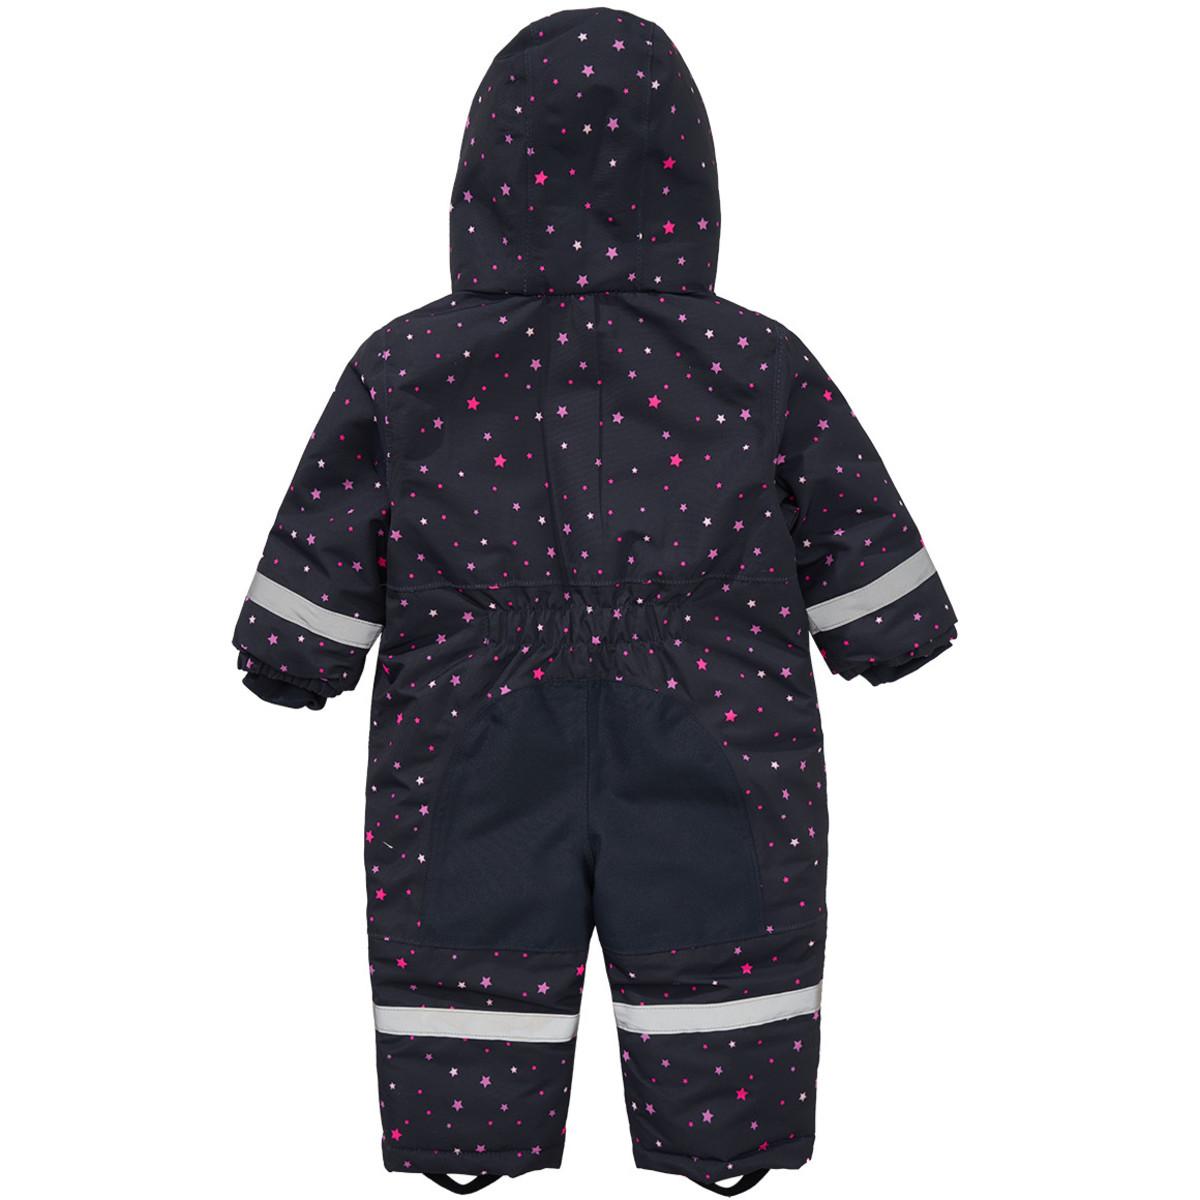 Bild 2 von Baby Schneeoverall mit Sternen-Print